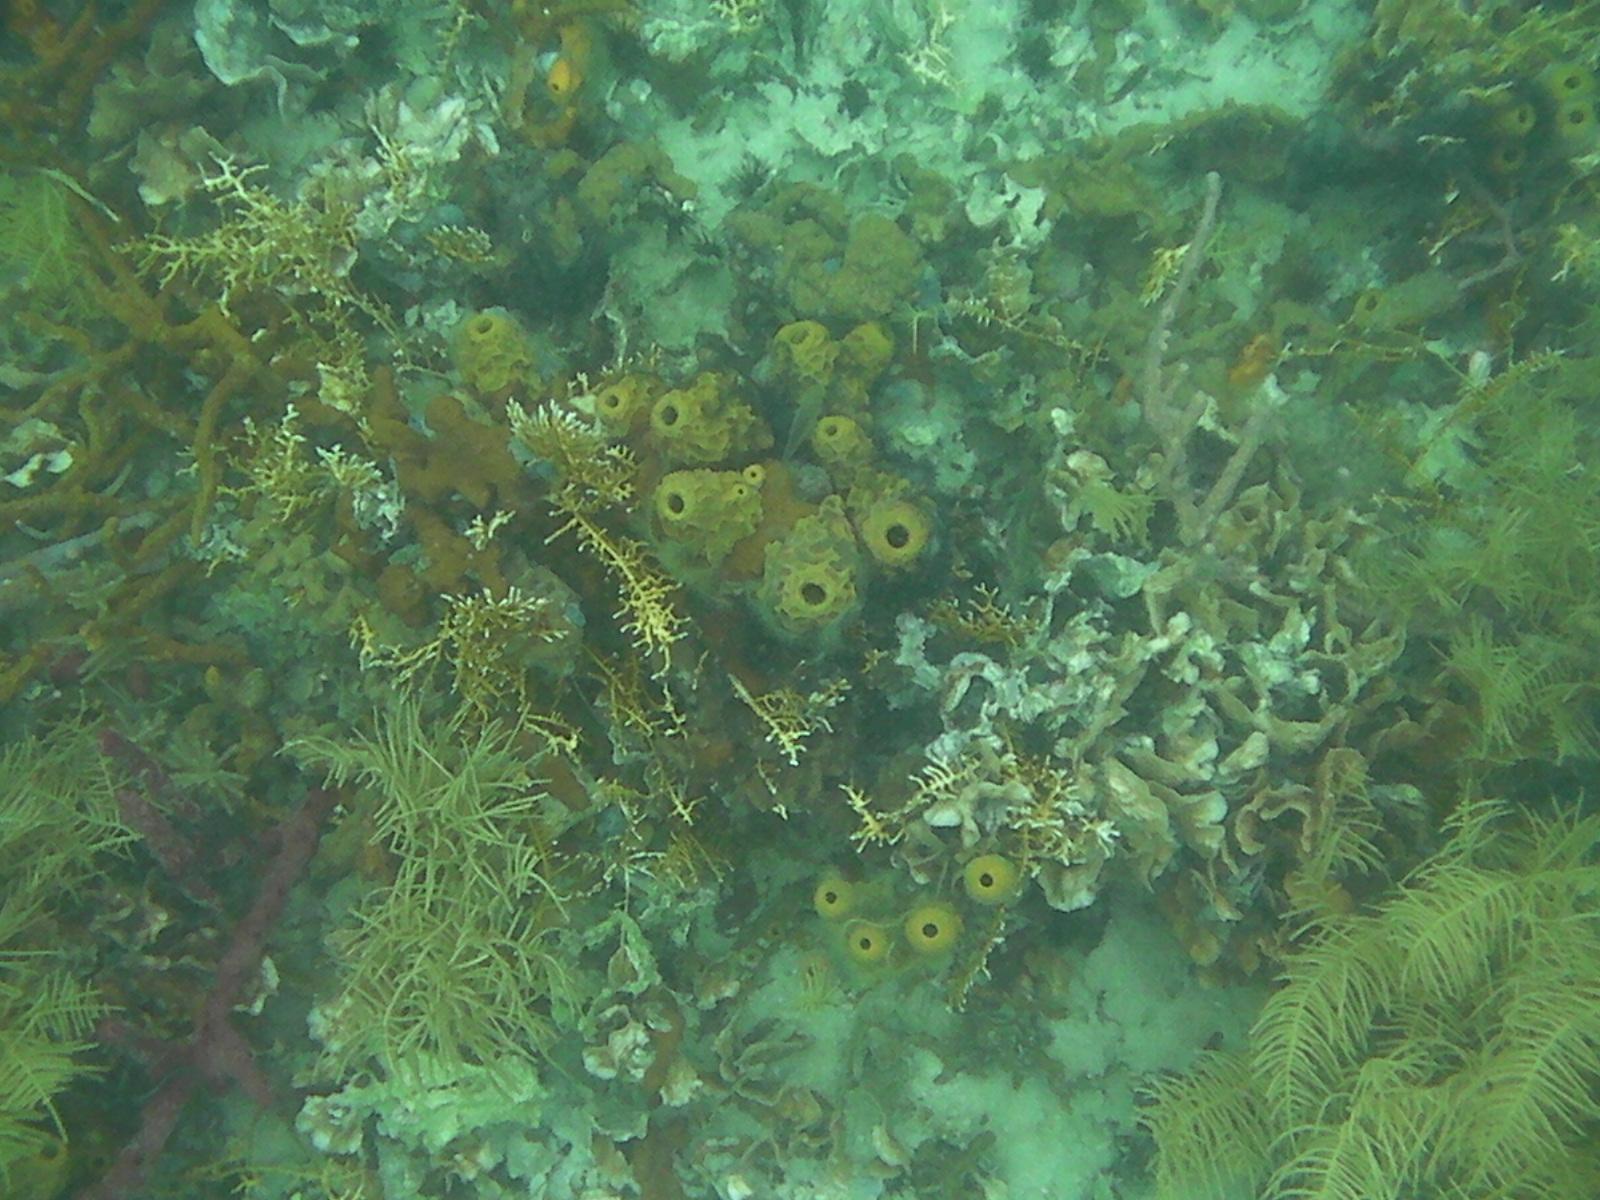 Corales de Colores del Arrecife bocas del toro - 7598225500 8d9e955342 o - Bocas del Toro, escondido destino vírgen en Panamá